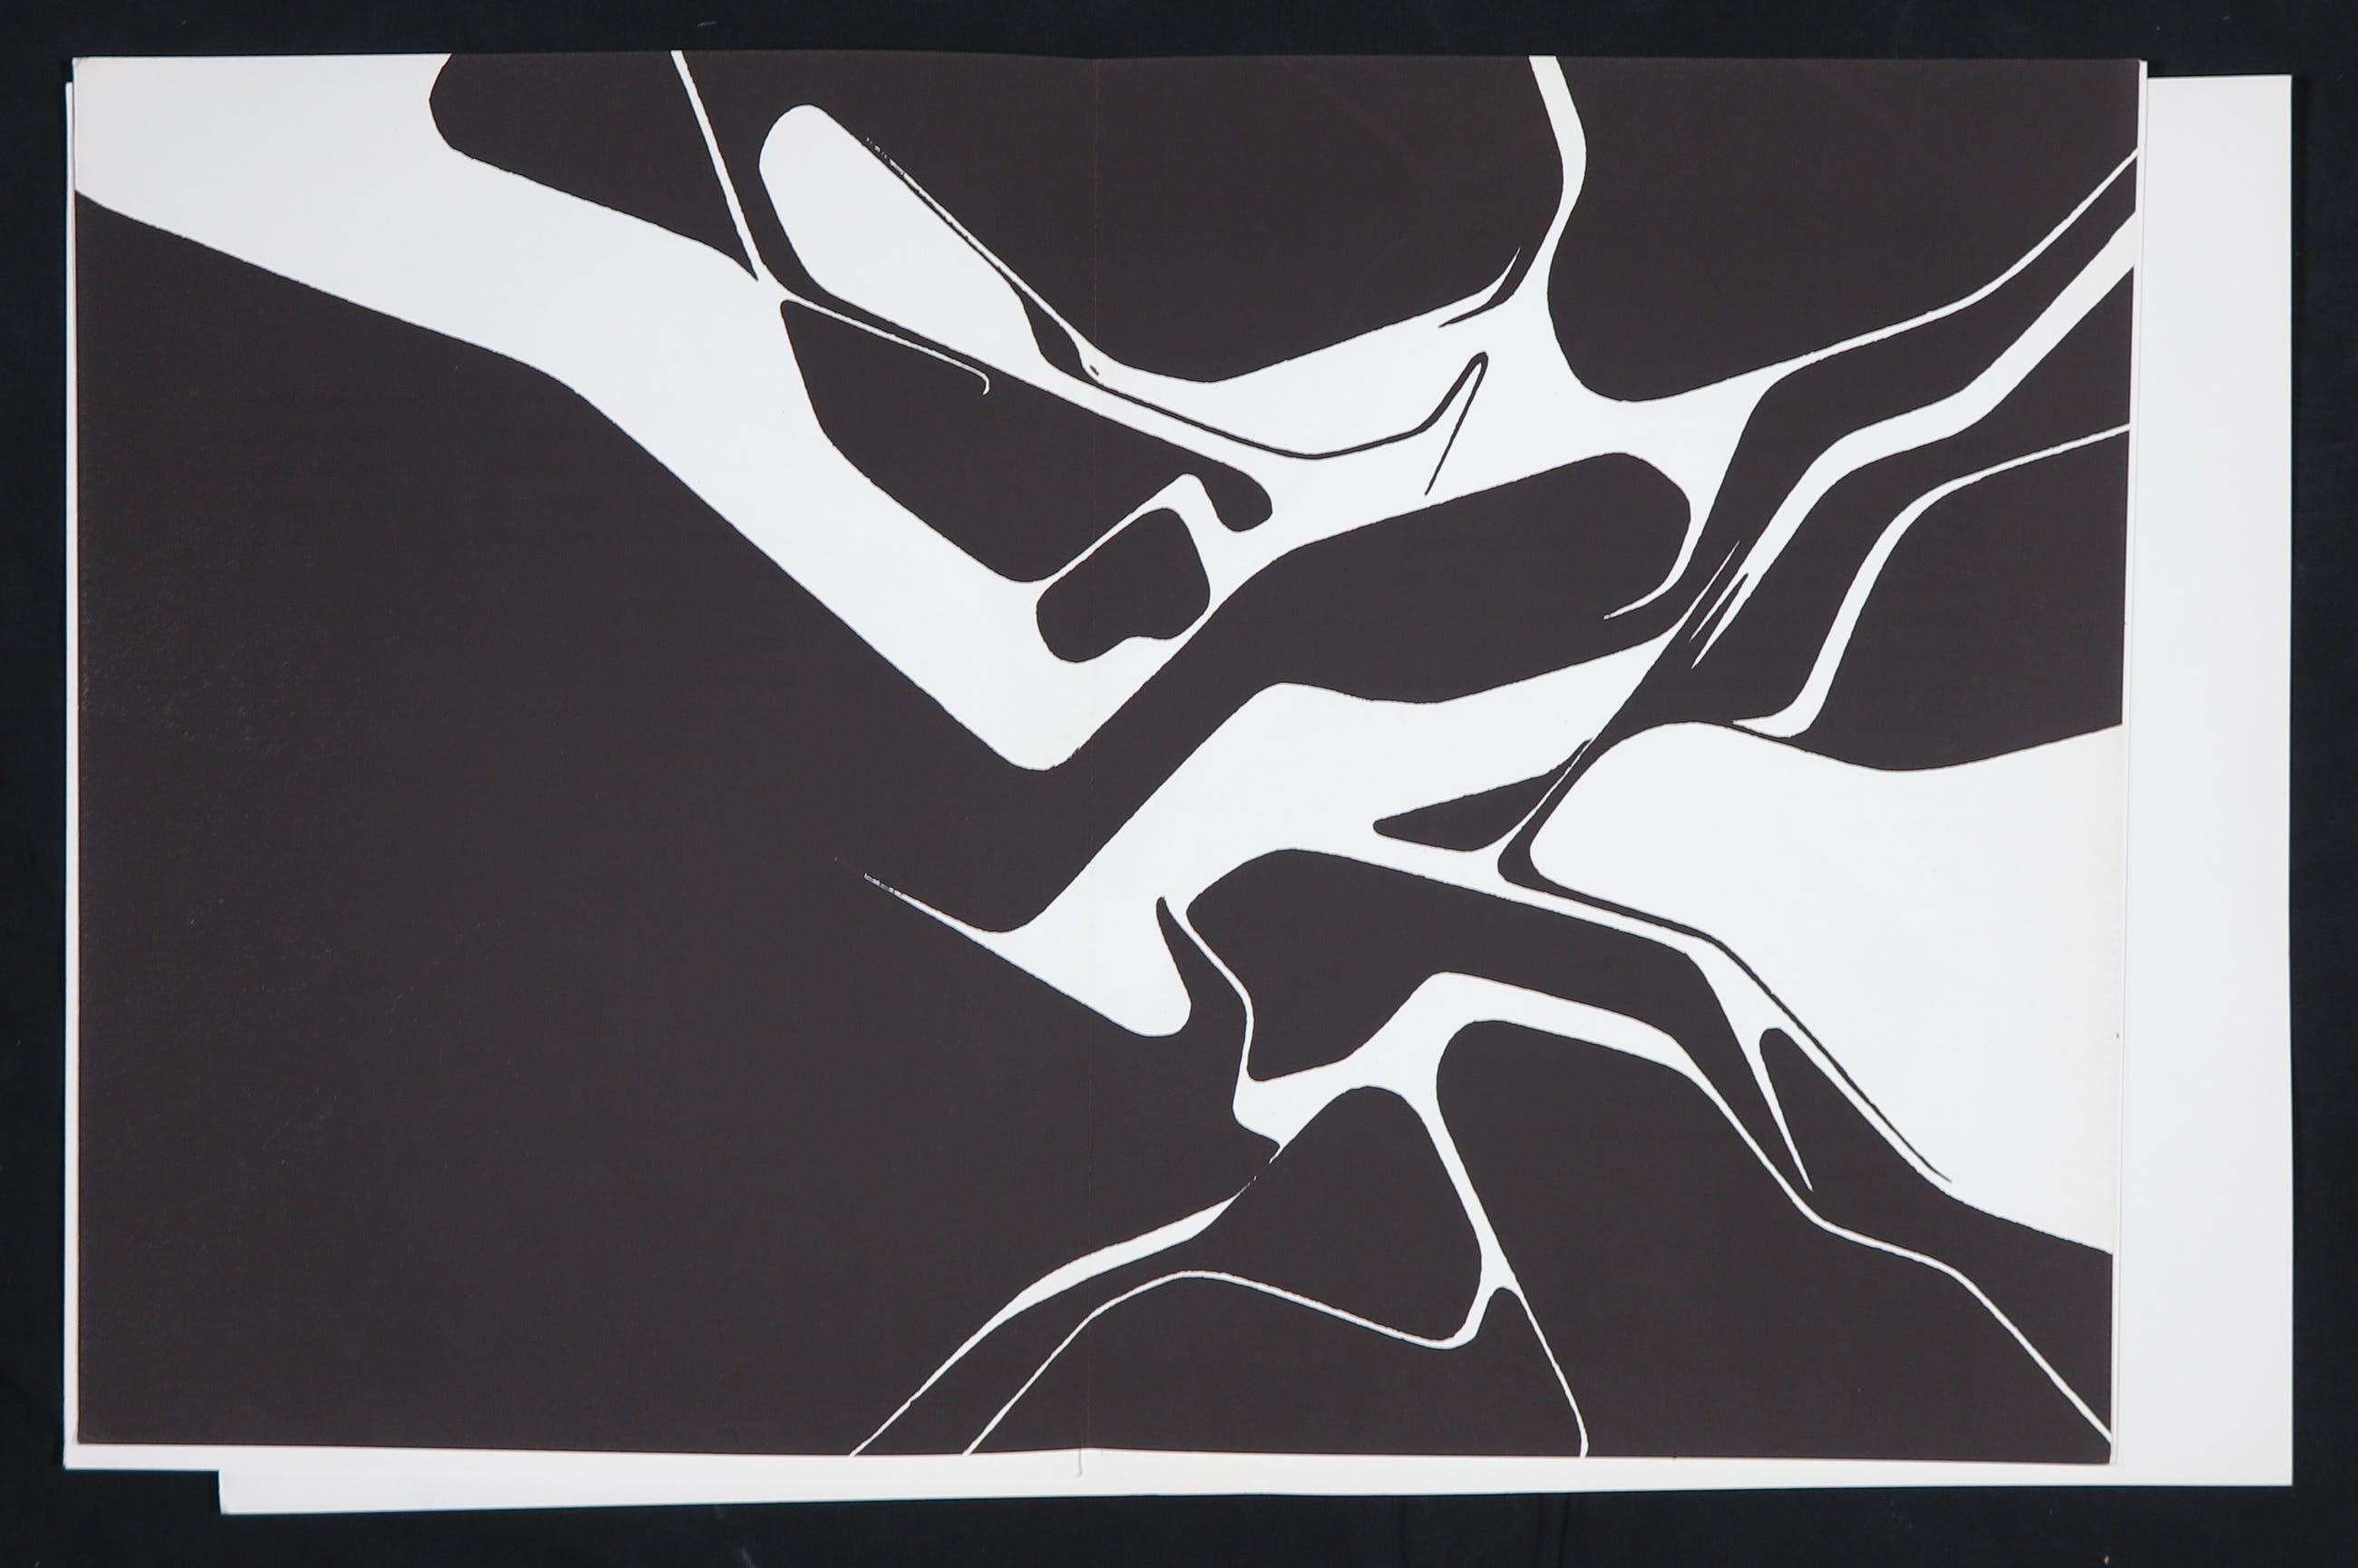 Pablo Palazuelo - Uitgave Derrière le miroir met originele litho's, no. 137 (1963) kopen? Bied vanaf 80!